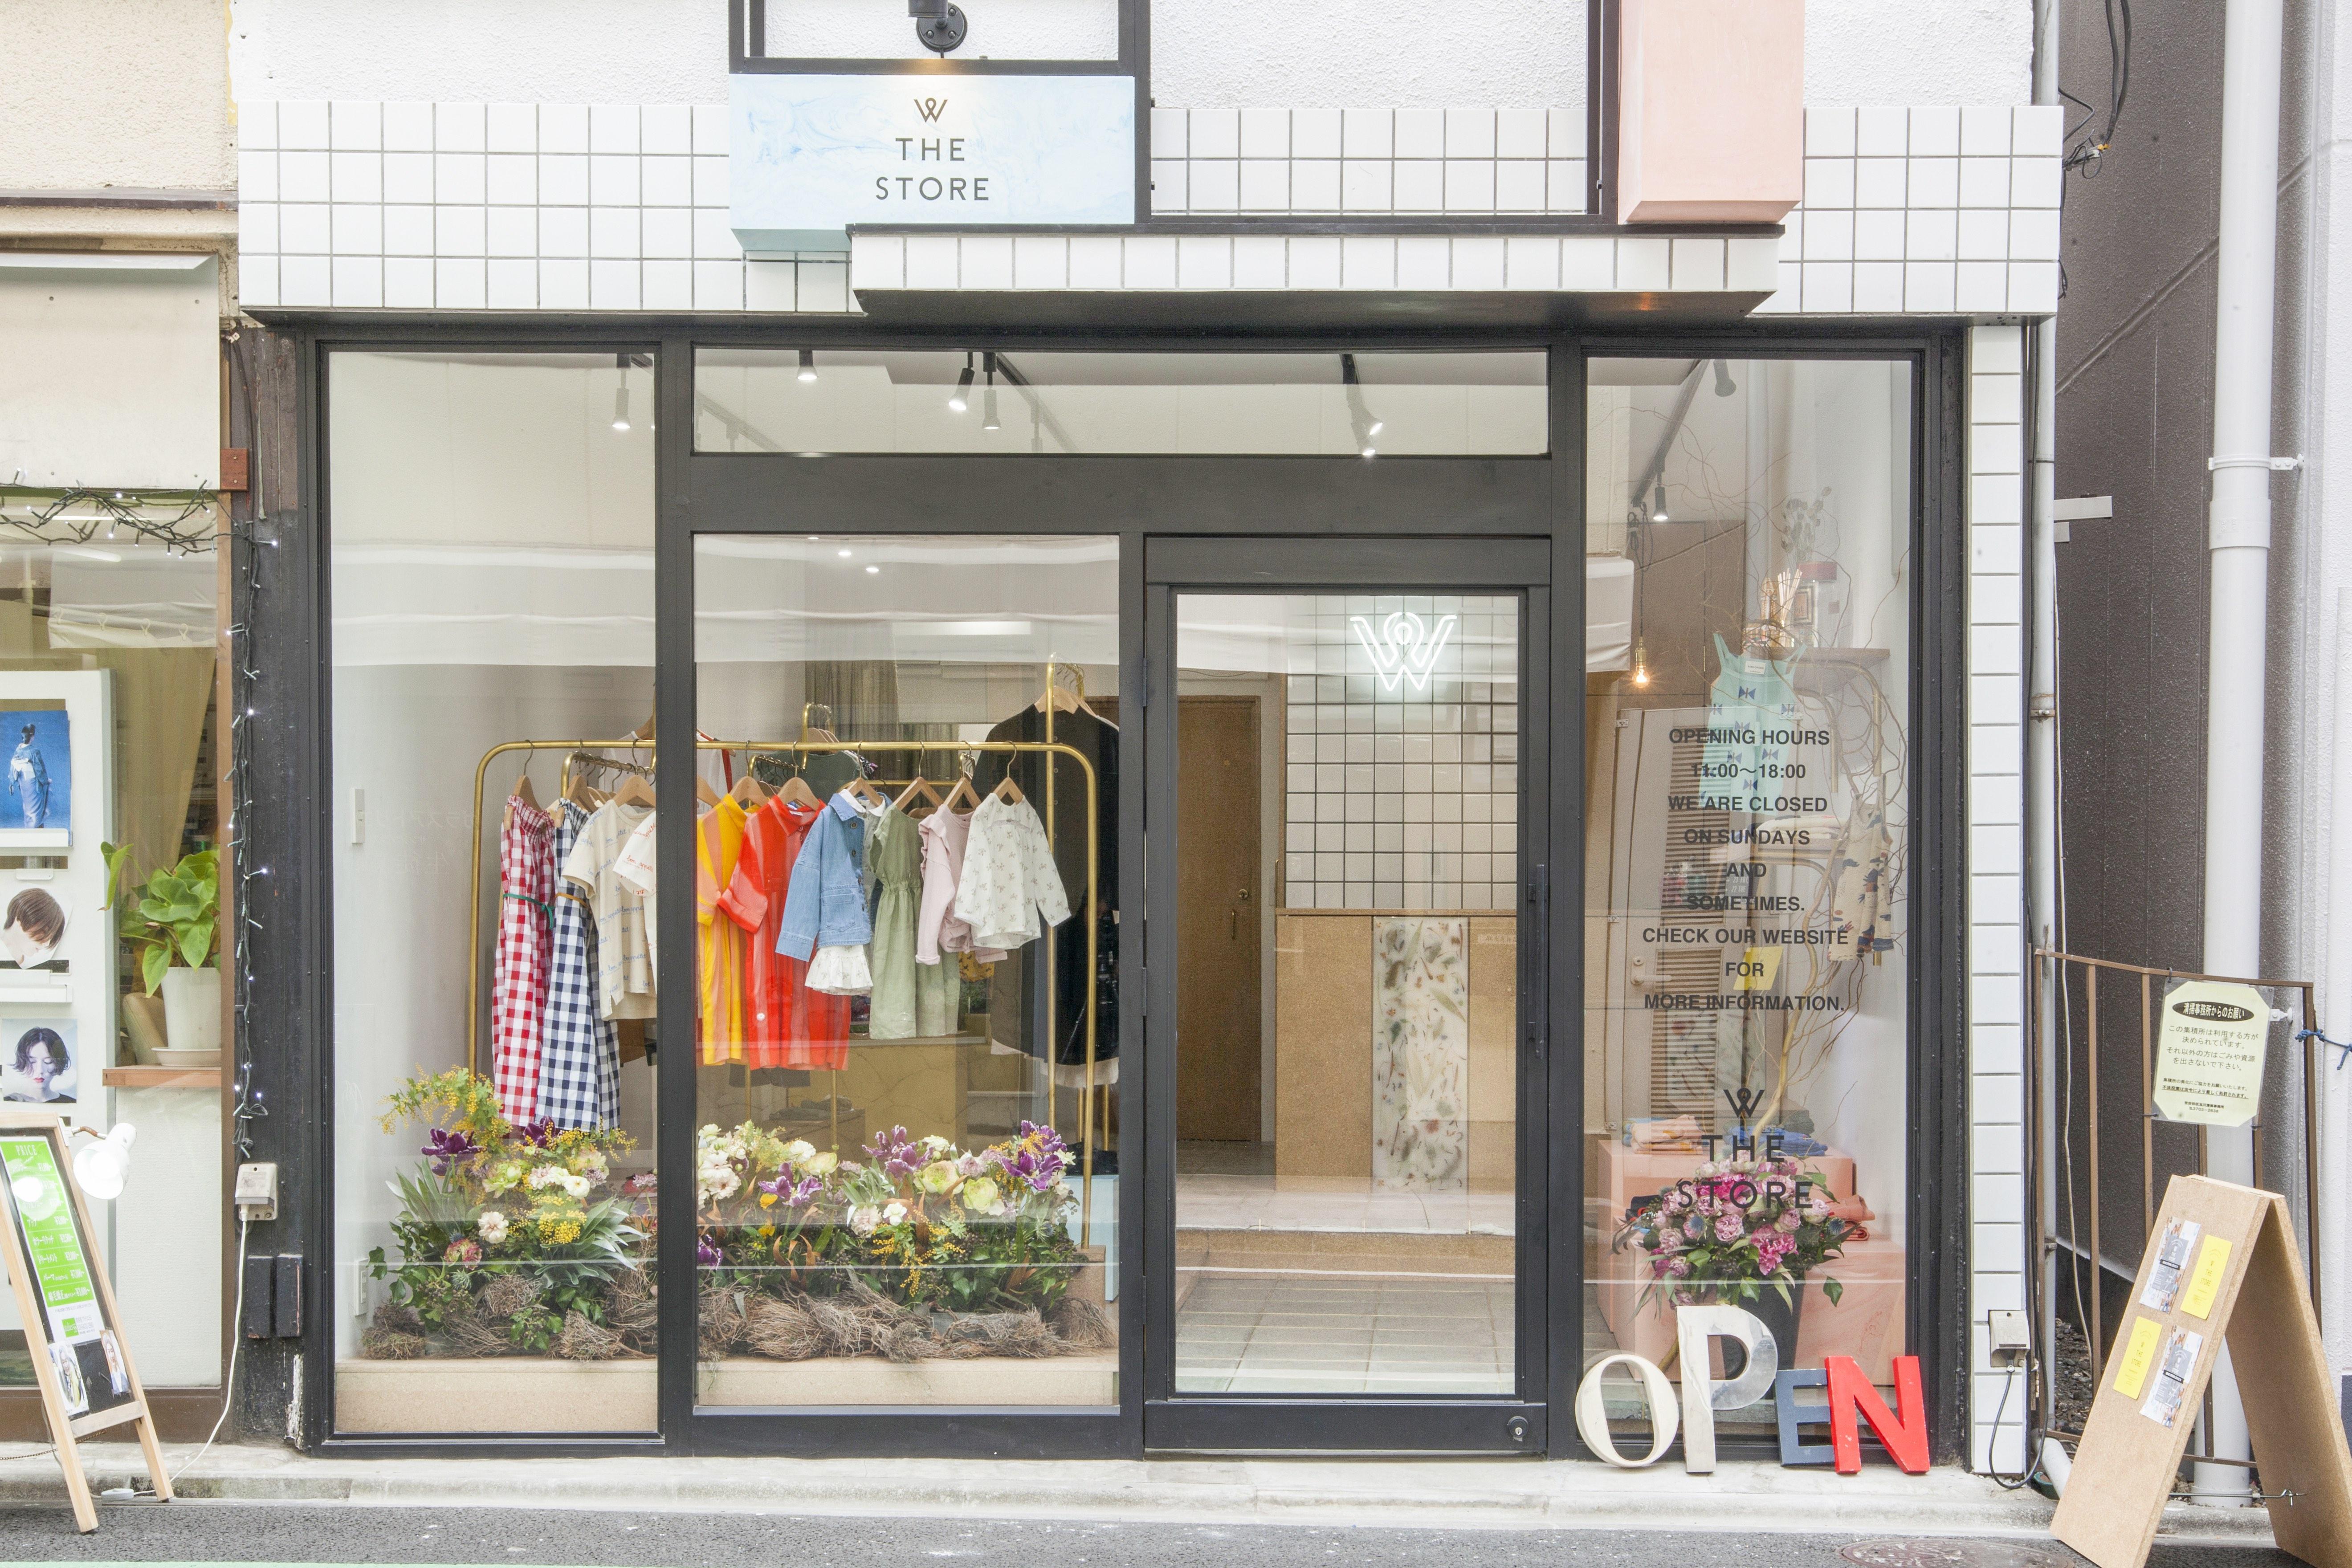 【東京】荷物を預けてお買い物しよう。旅行やお出かけの荷物を預けられるアパレル・小売ショップ10選!